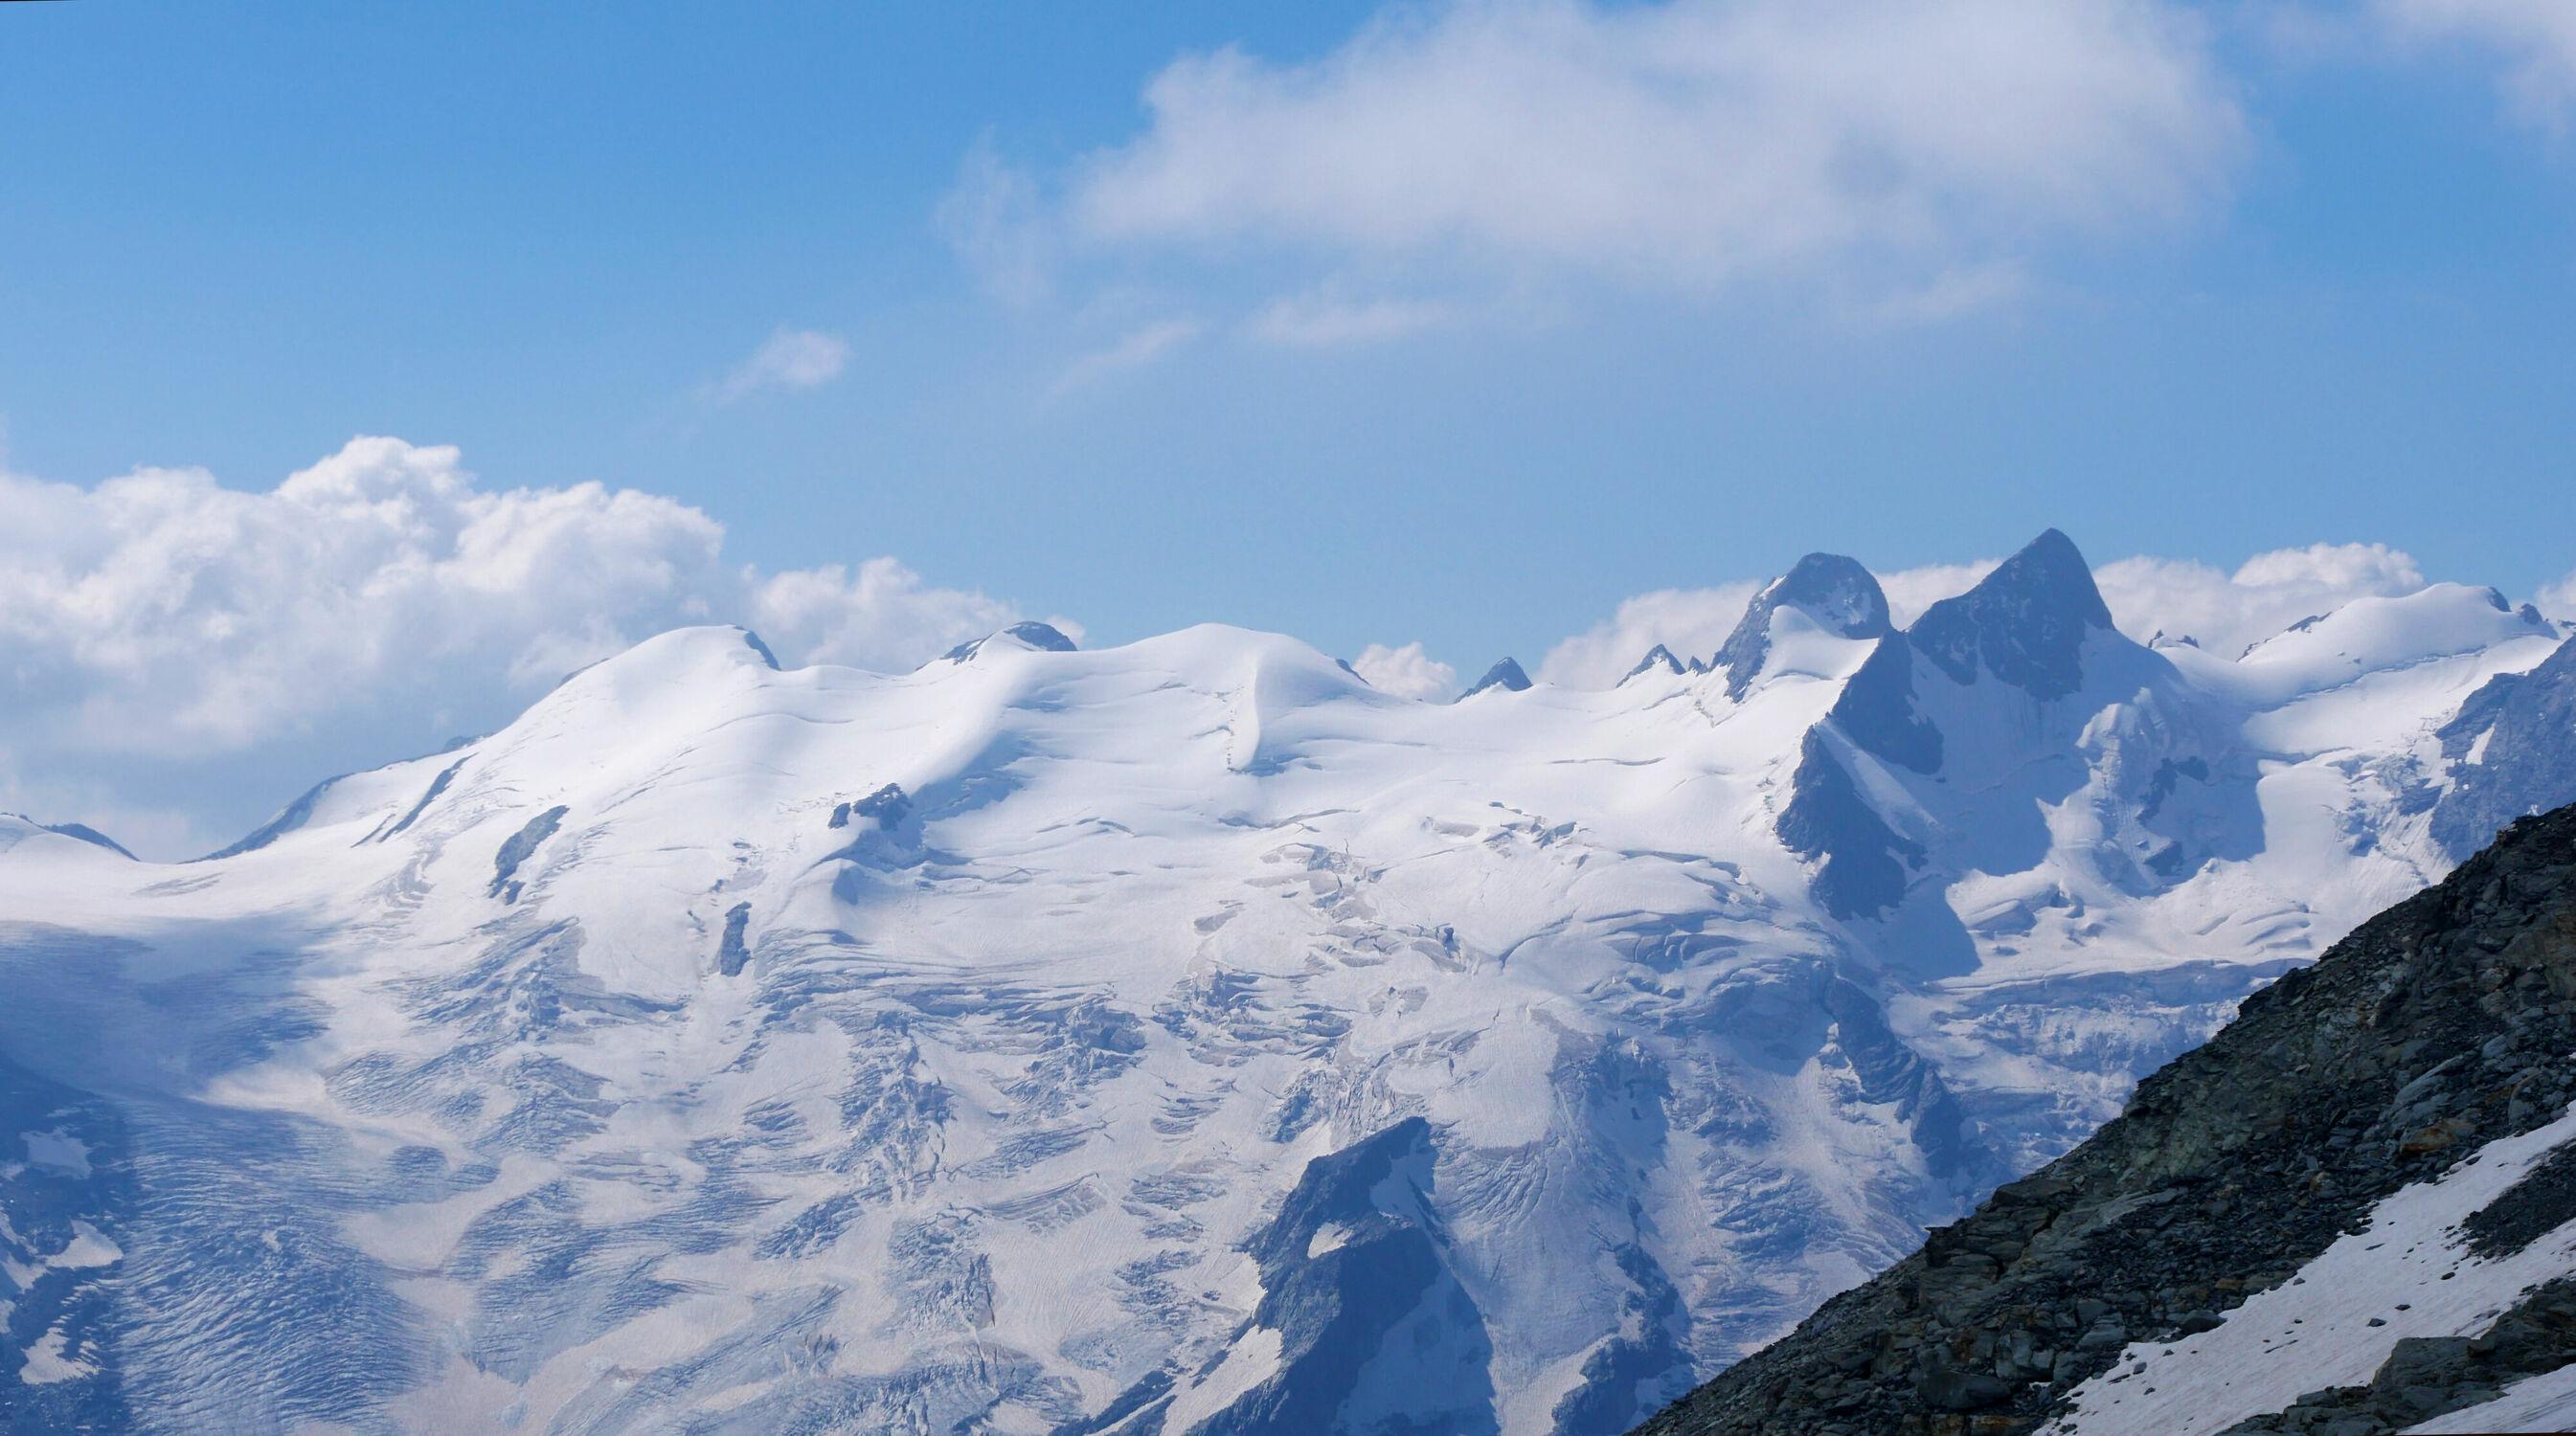 Bild mit Natur, Schnee, Felsen, Tageslicht, Gebirgskette, Alpen Panorama, Blauer Himmel, Berggipfel, schweizeralpen